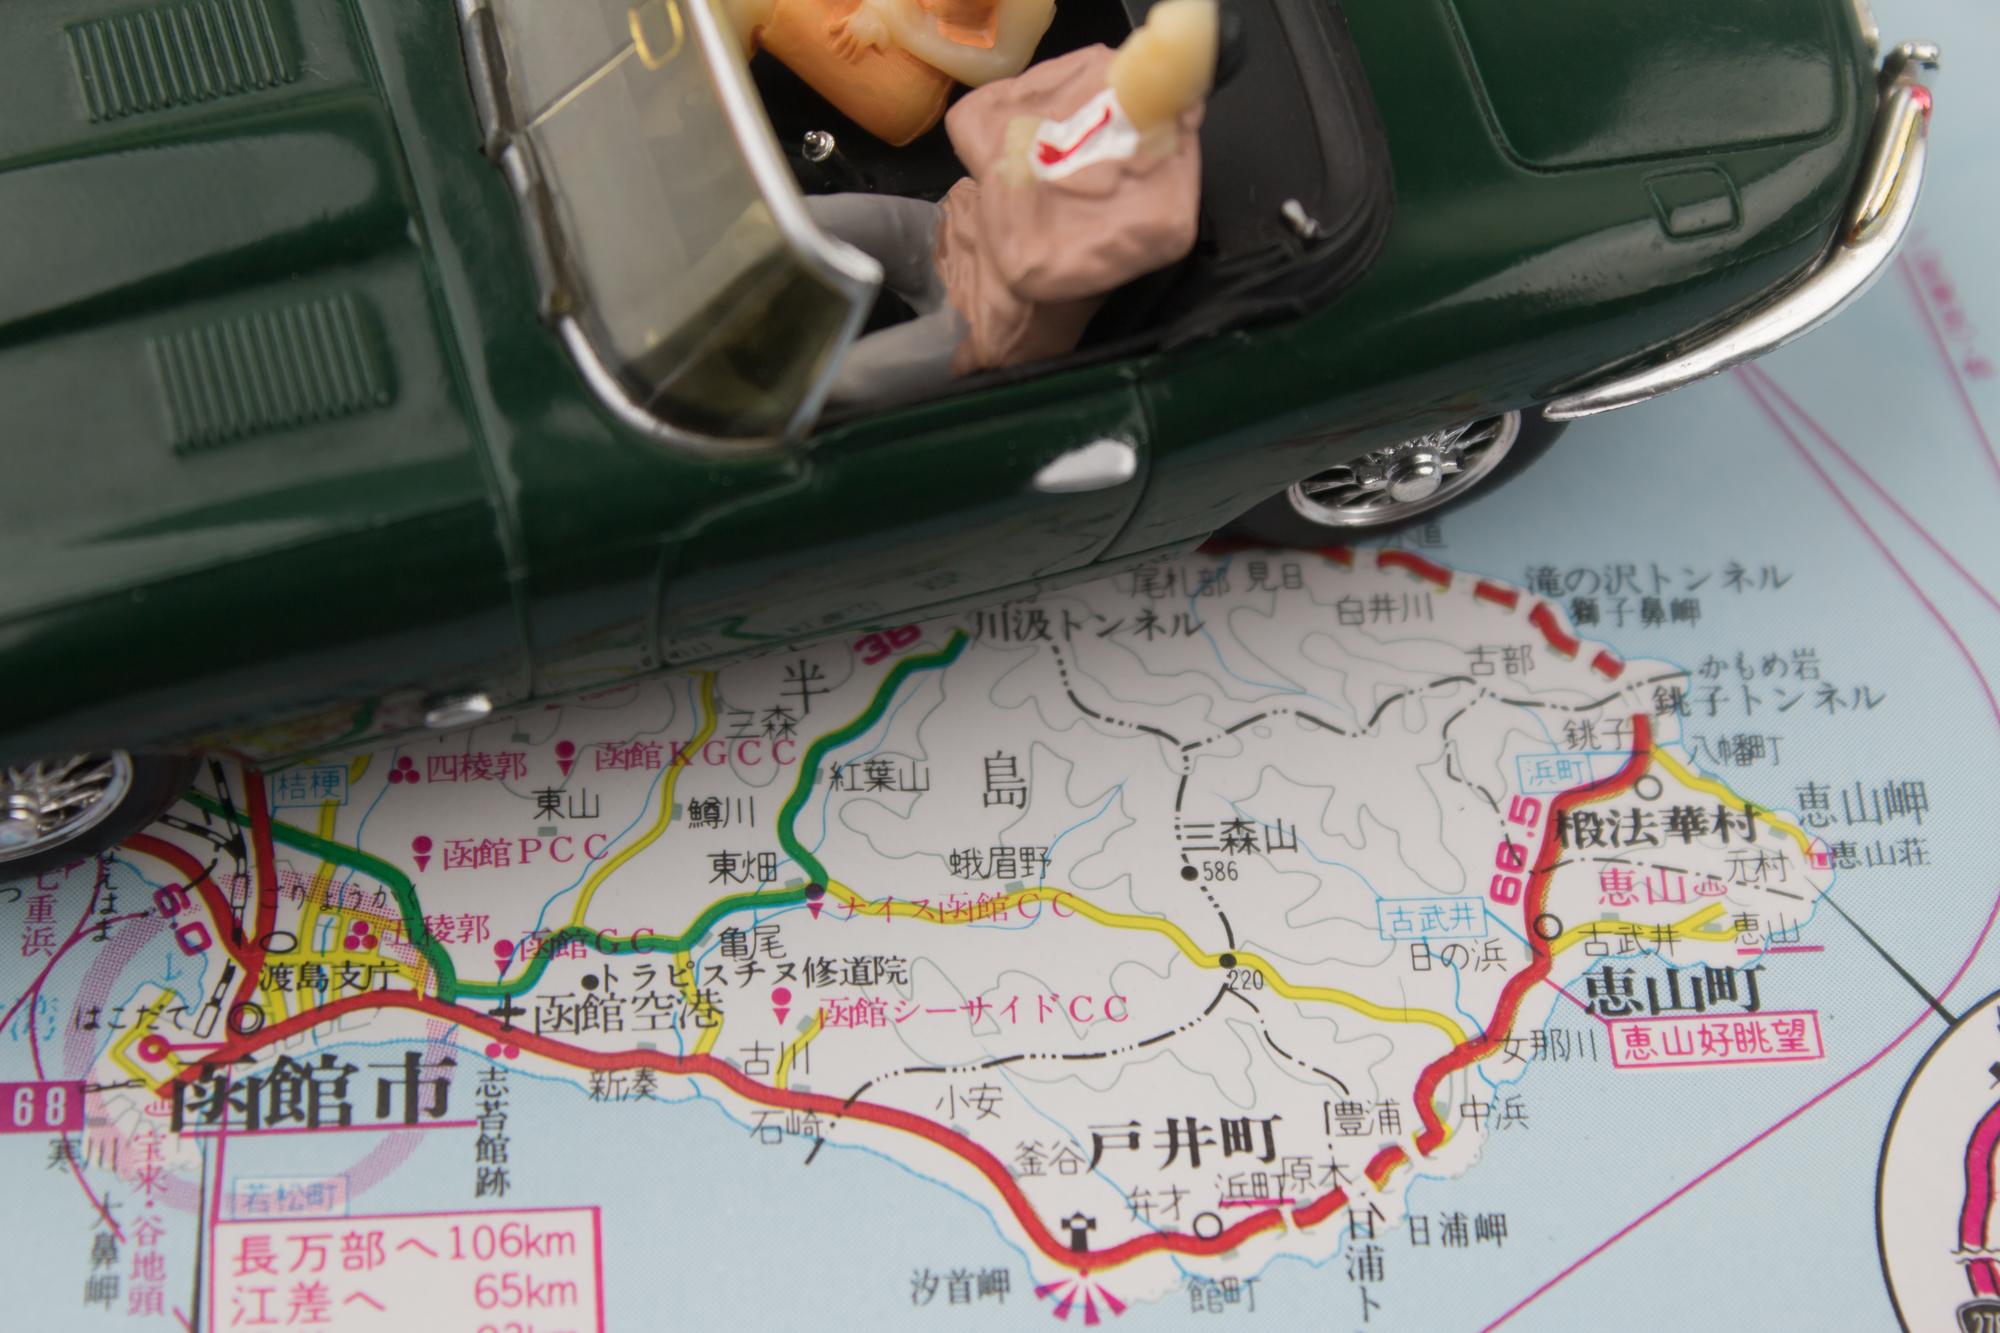 ドライブ 旅行 地図 イメージ